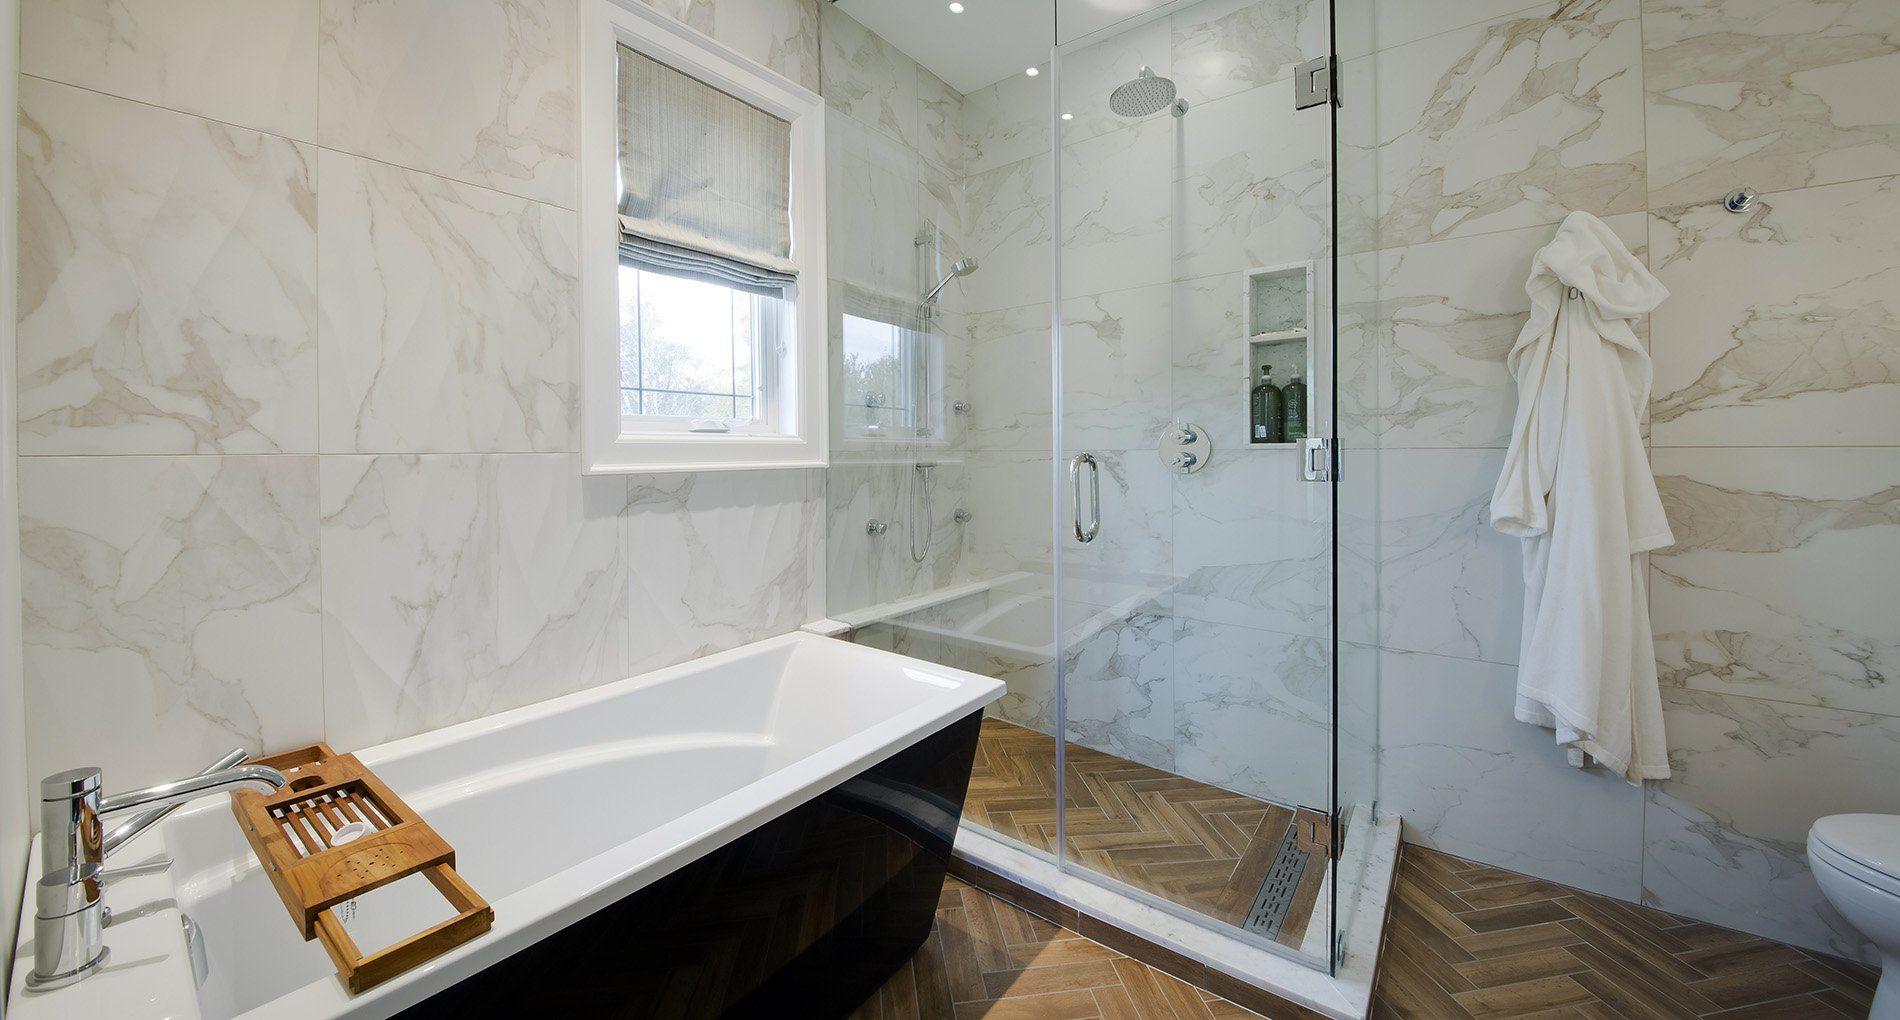 Bathroom Renovation Belleville Garner Slider